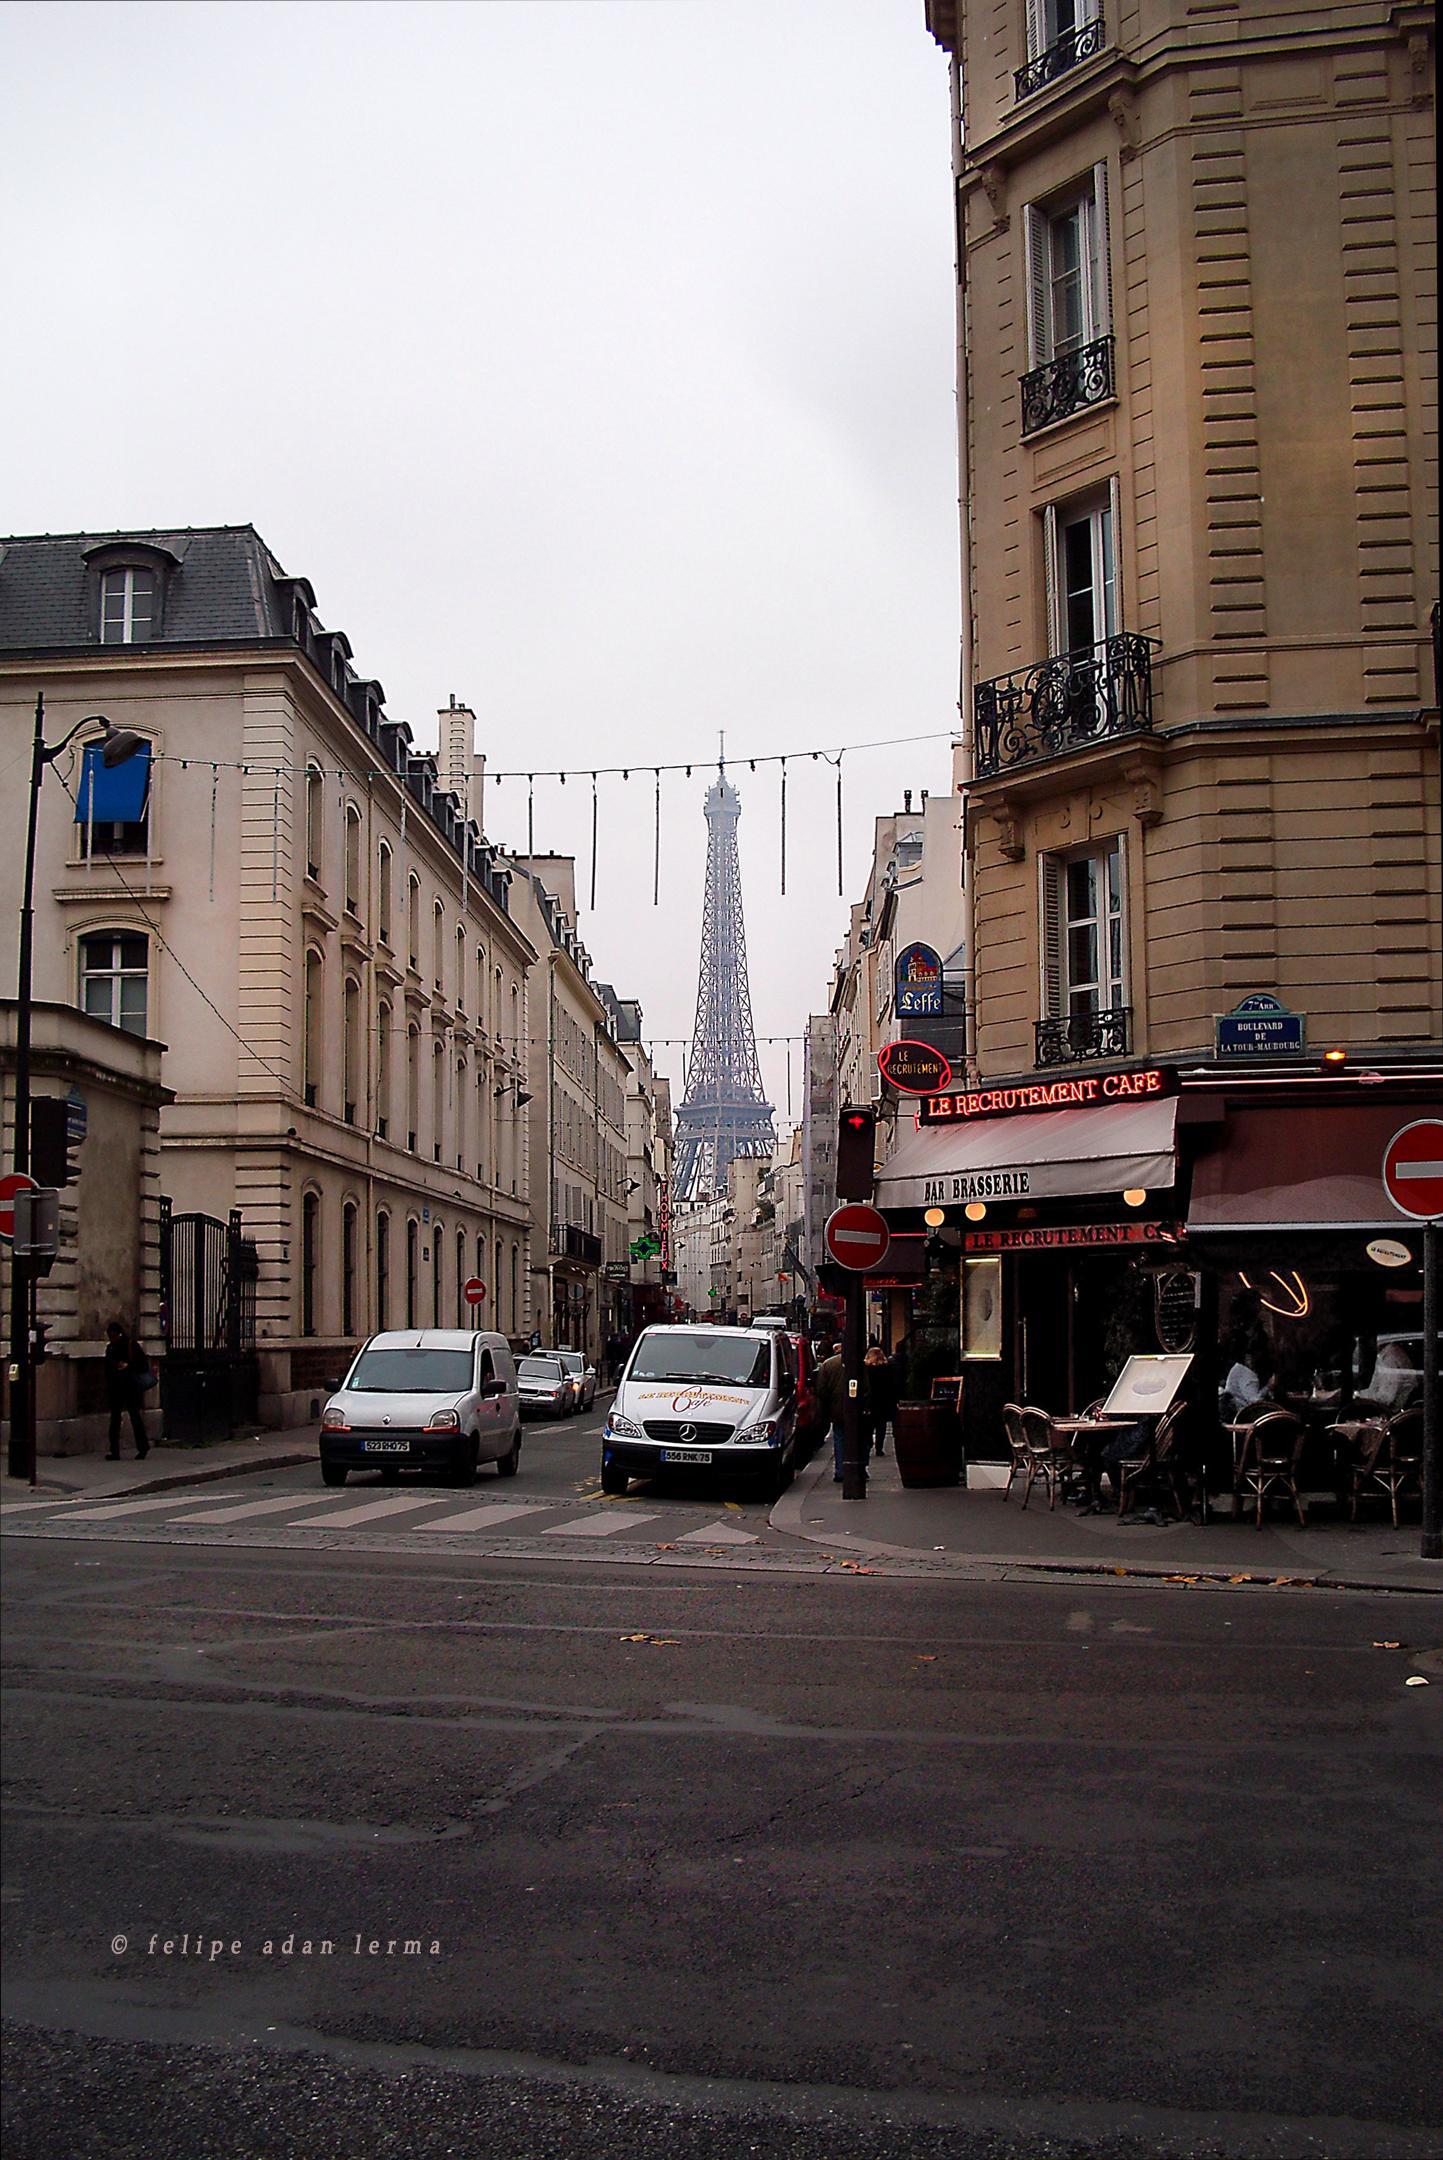 Eiffel Tower, Street View, Blvd de la Tour-Maubourg and Rue Saint-Dominique